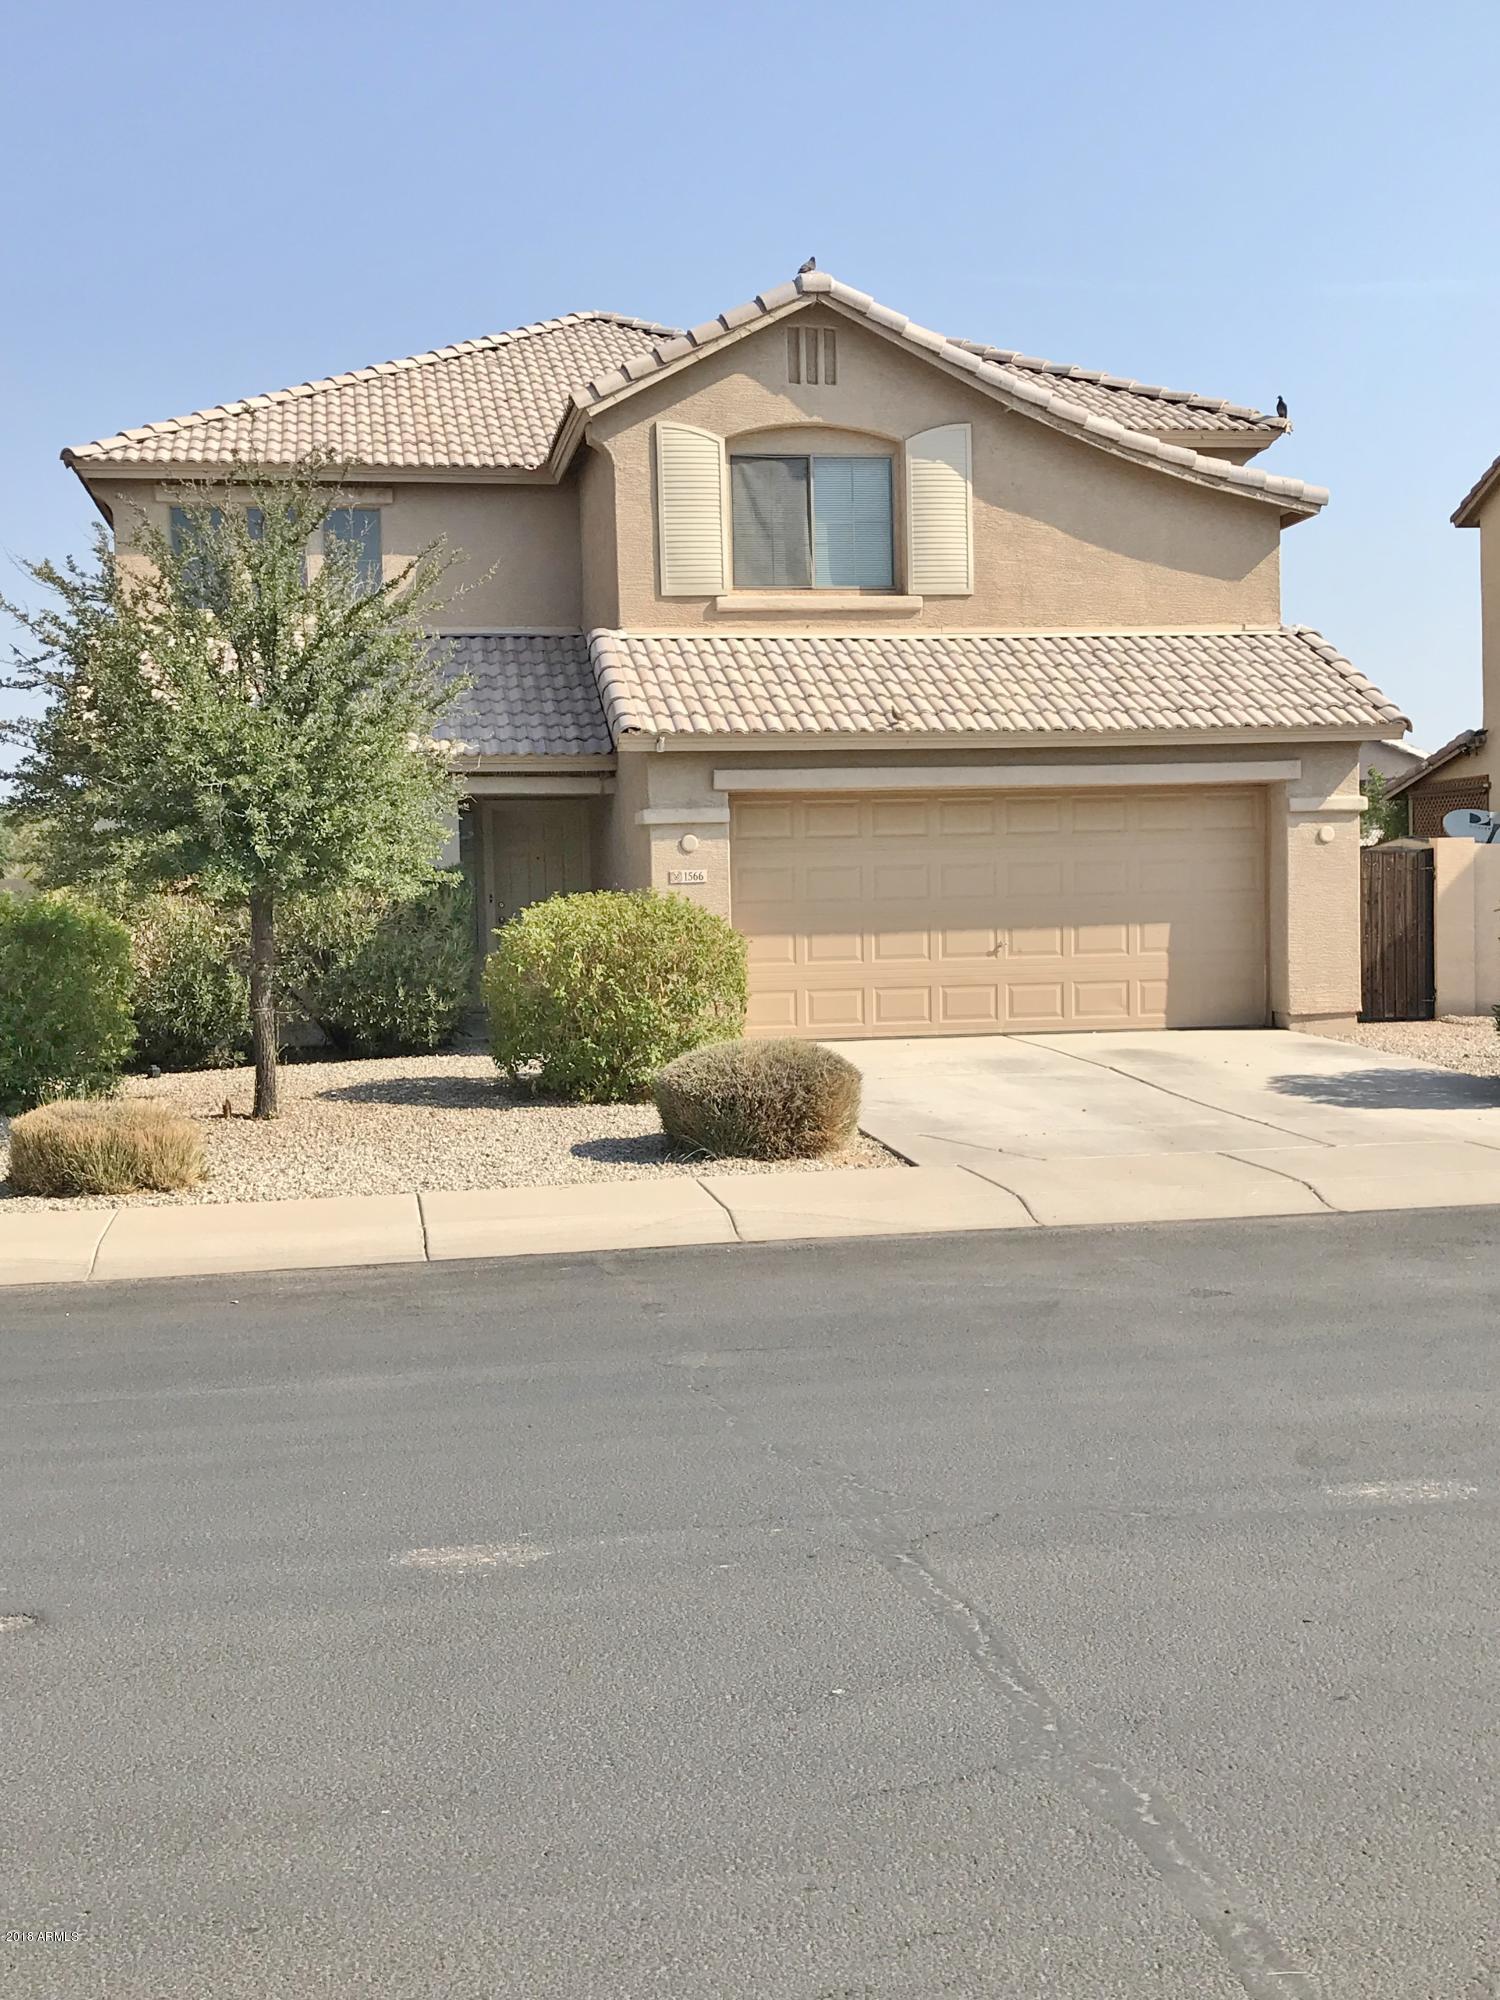 Photo for 1566 E Gabrilla Drive, Casa Grande, AZ 85122 (MLS # 5807728)